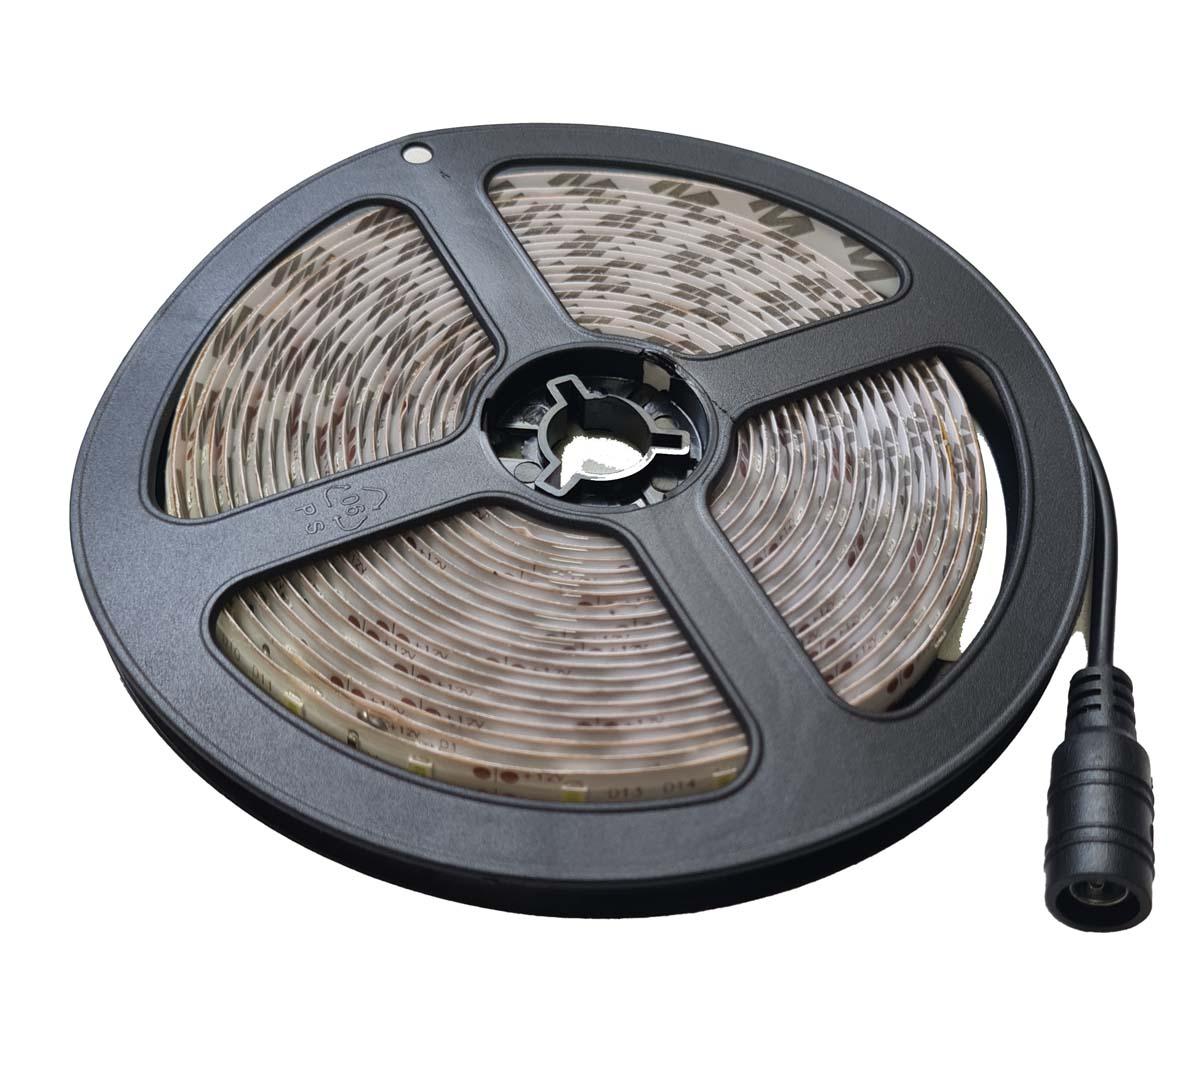 Fita LED 2835 Luz Branco Frio com 4,5 Metros e Proteção de silicone